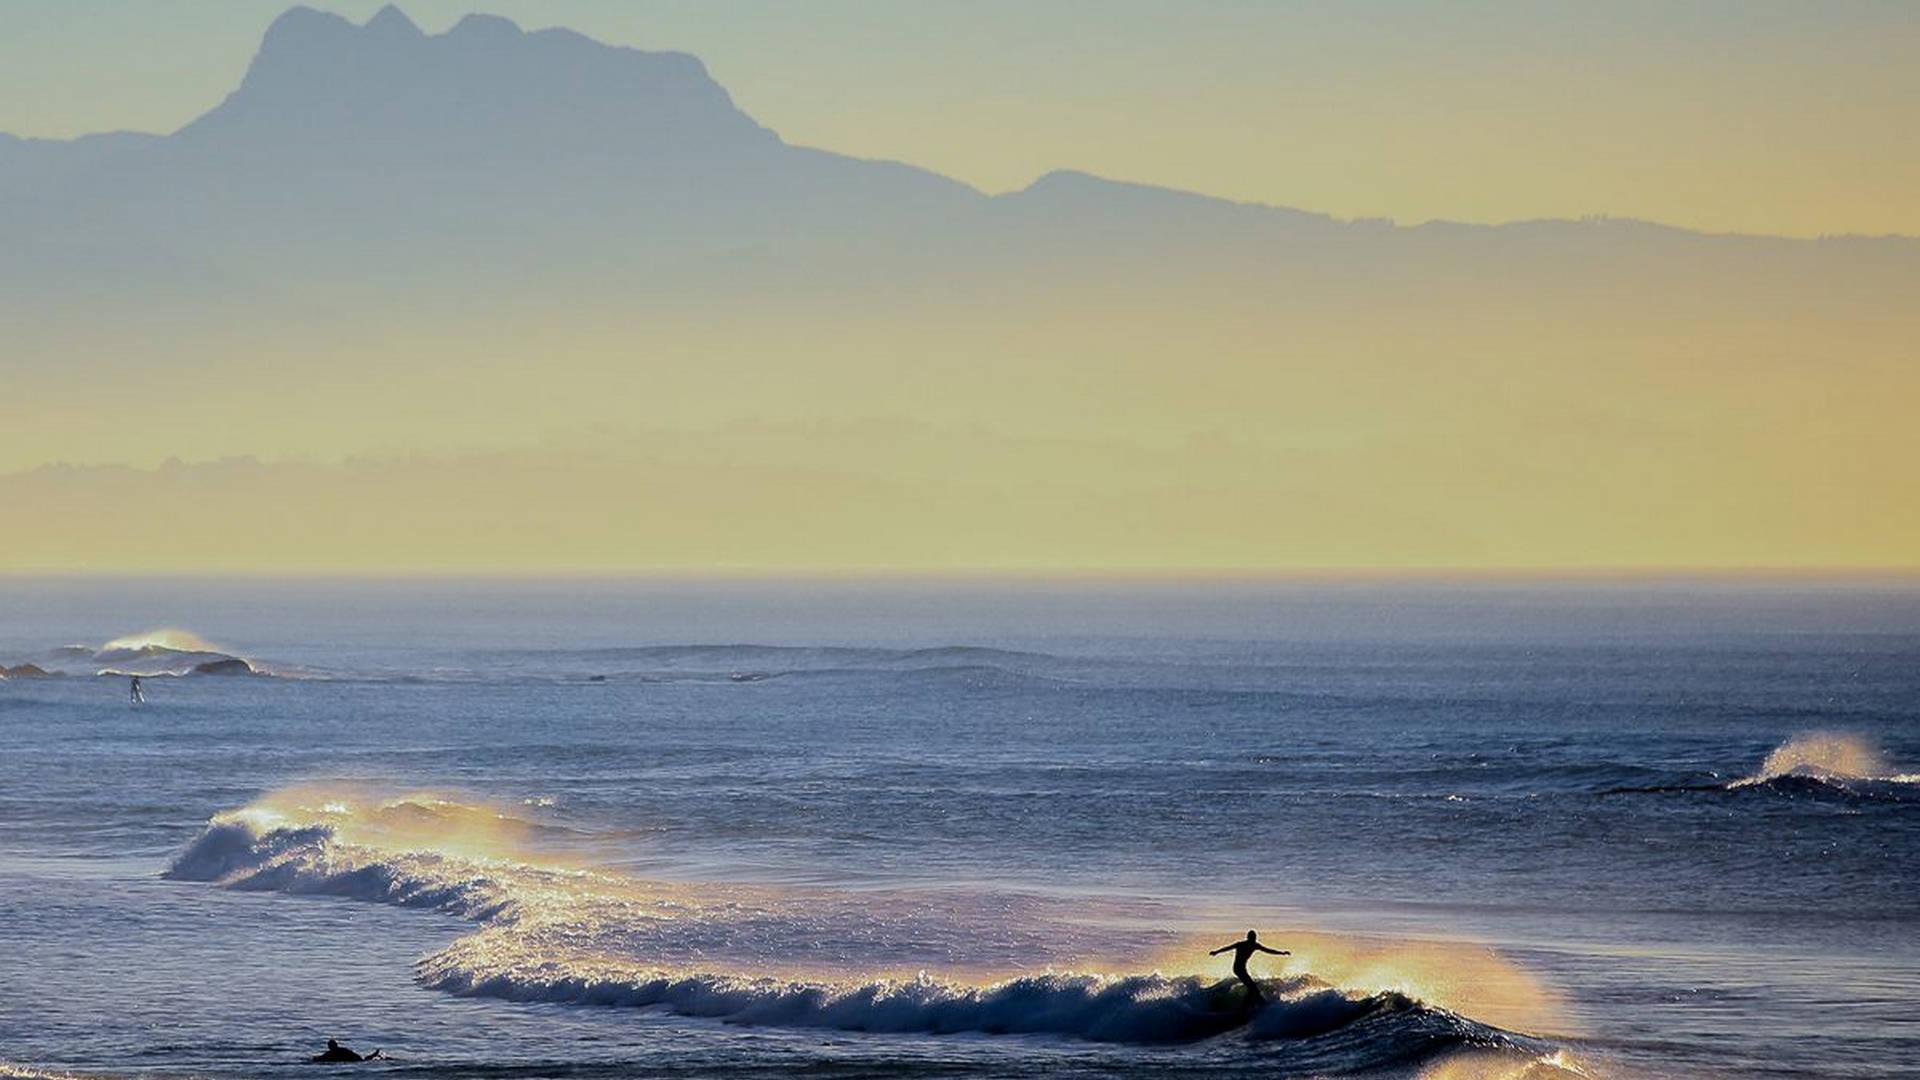 Hotel surf Cote des basques